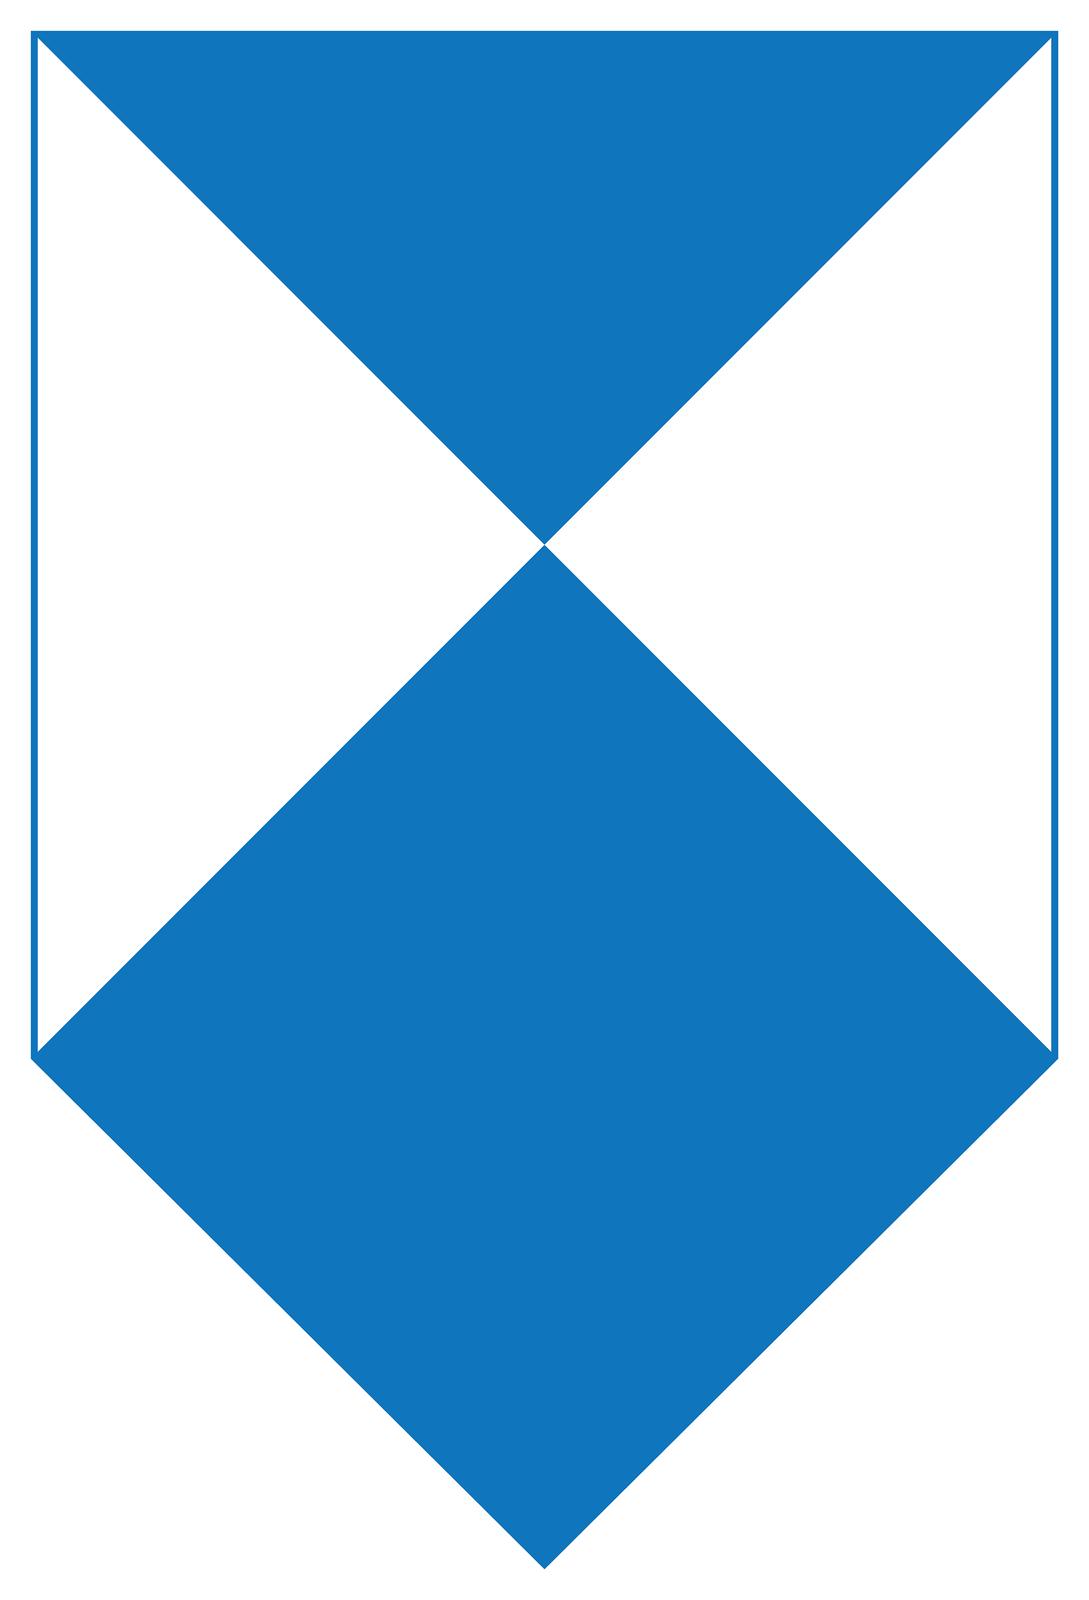 Ilustracja przedstawia znak wformie piktogramu ułożonego wpionie. Piktogram wkształcie kwadratu. Kwadrat podzielony na trzy trójkąty. Niebieski wzdłuż górnej krawędzi kwadratu skierowany wierzchołkiem wdół, do wnętrza. Dwa białe trójkąty po obu stronach kwadratu. Podstawy wzdłuż boków kwadratu. Wierzchołki skierowane do środka kwadratu. Wszystkie trójkąty stykają się wierzchołkami wcentralnym punkcie kwadratu. Wdole piktogramu niebieski kwadrat wierzchołkiem skierowany do środka piktogramu. Przeciwległy wierzchołek niebieskiego kwadratu skierowany wdół.